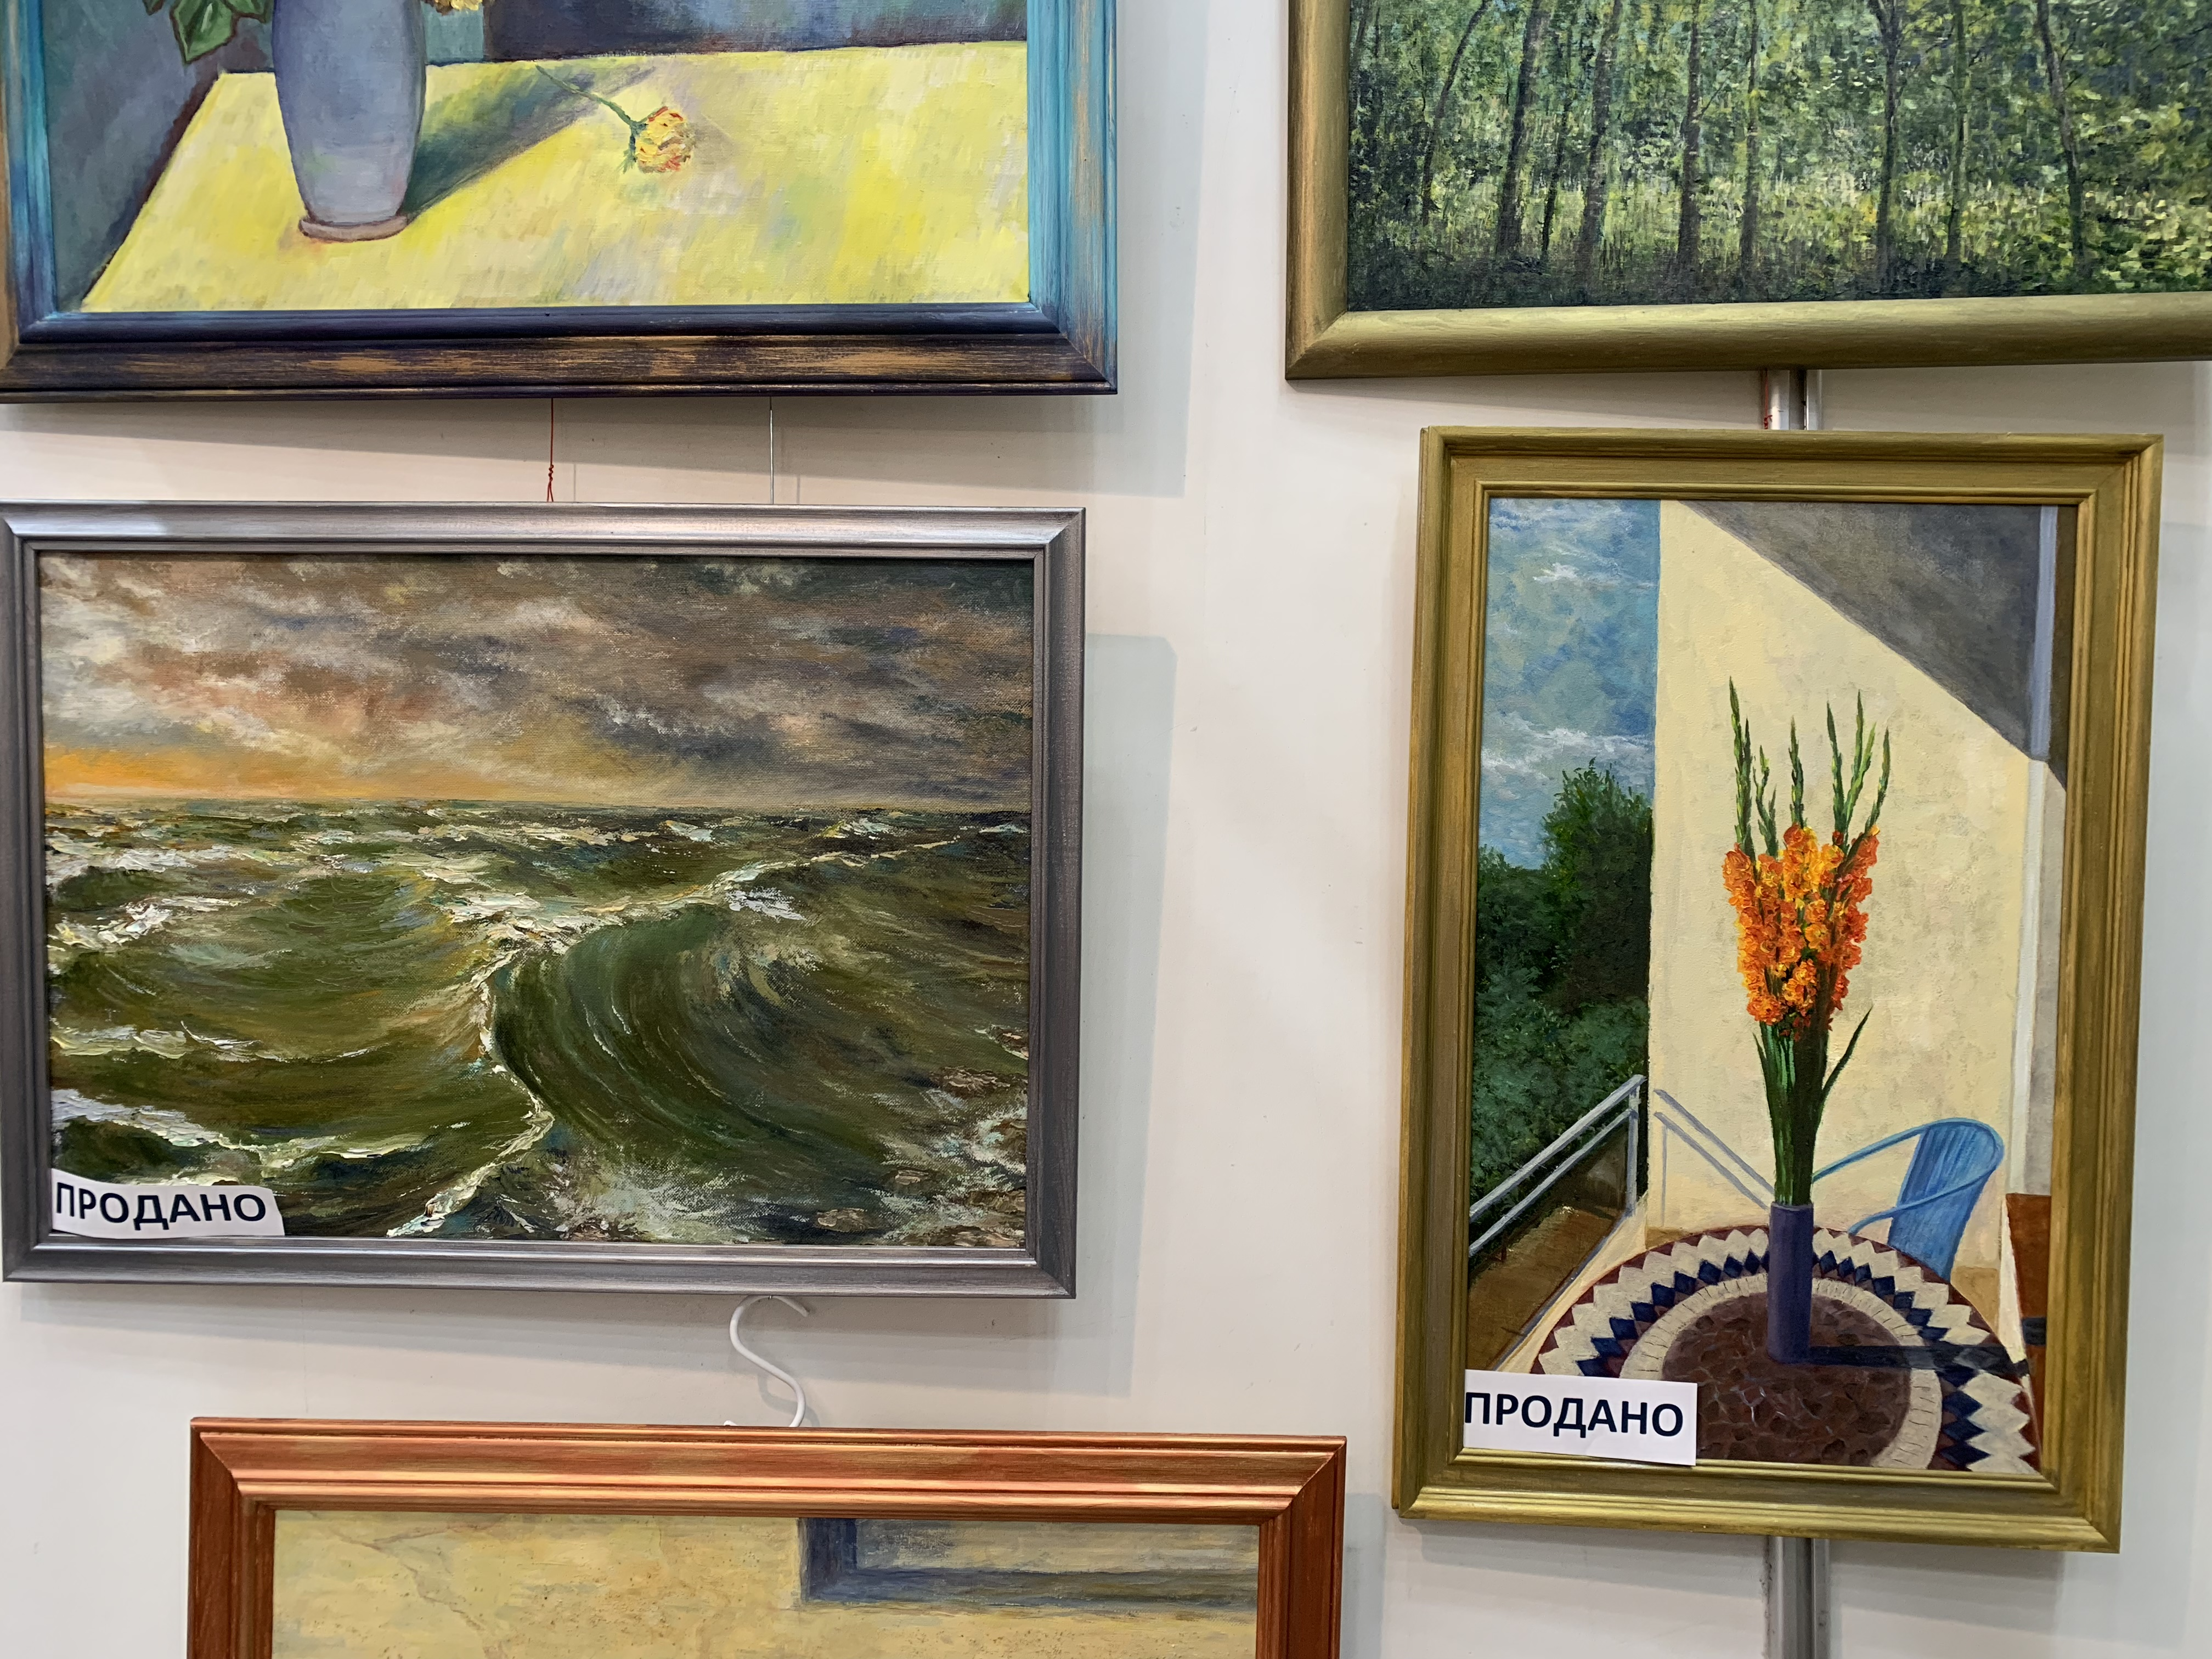 живопись пейзаж картина маслом выставка Бижутерия Тишинка Москва художник Альберт Сафиуллин